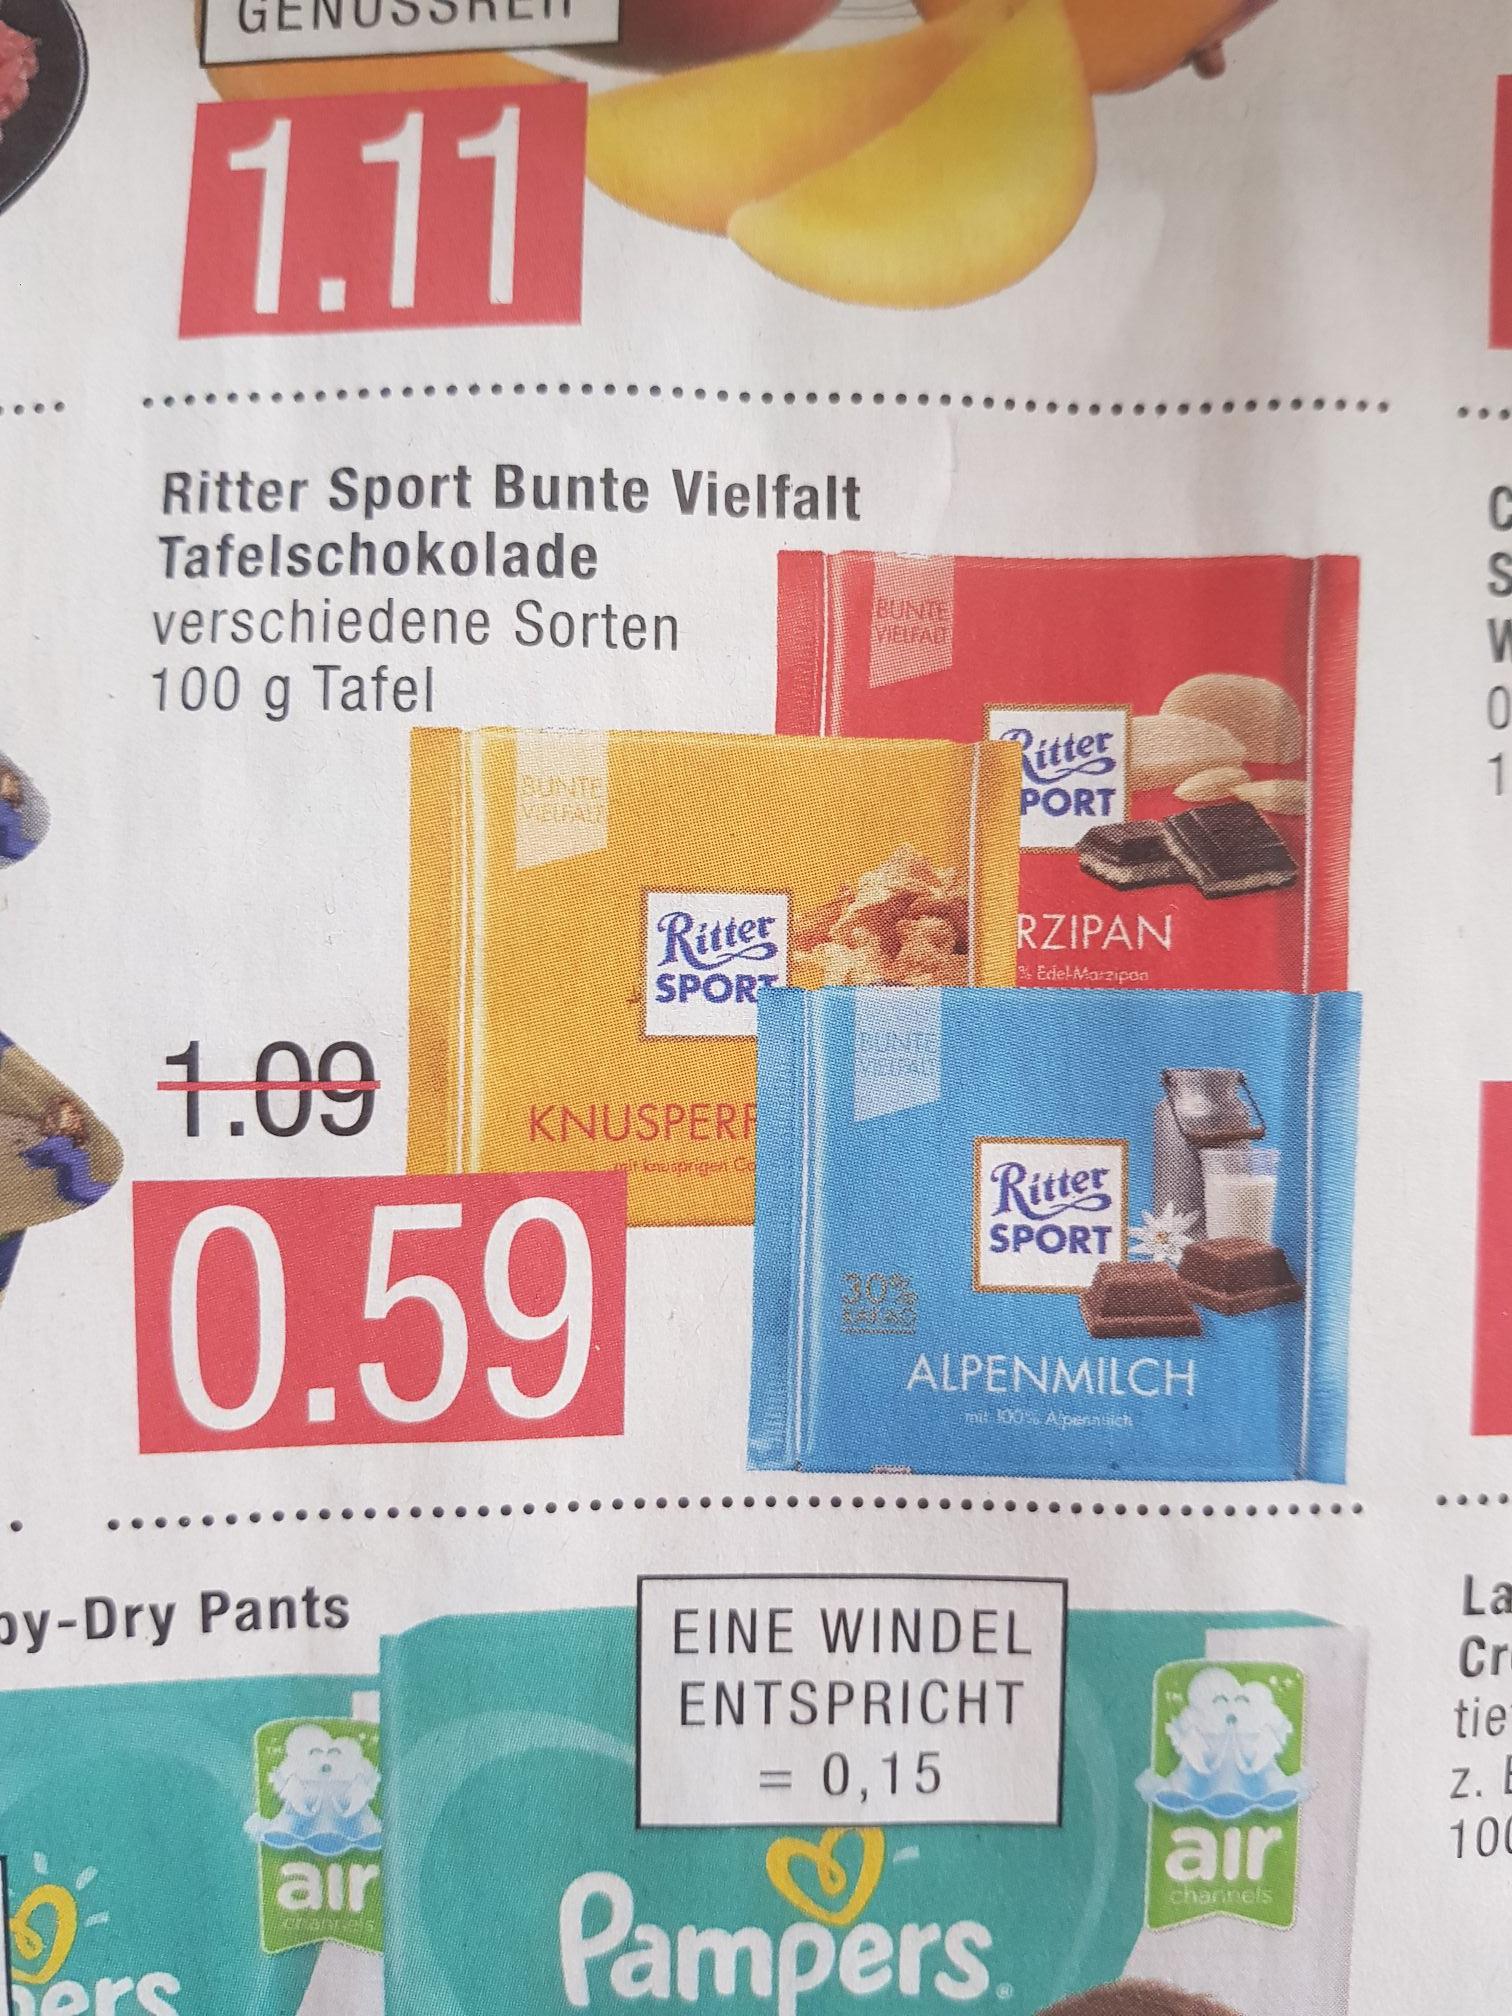 (Marktkauf) 100g Ritter Sport Bunte Vielfalt Tafelschokolade für 0,59€